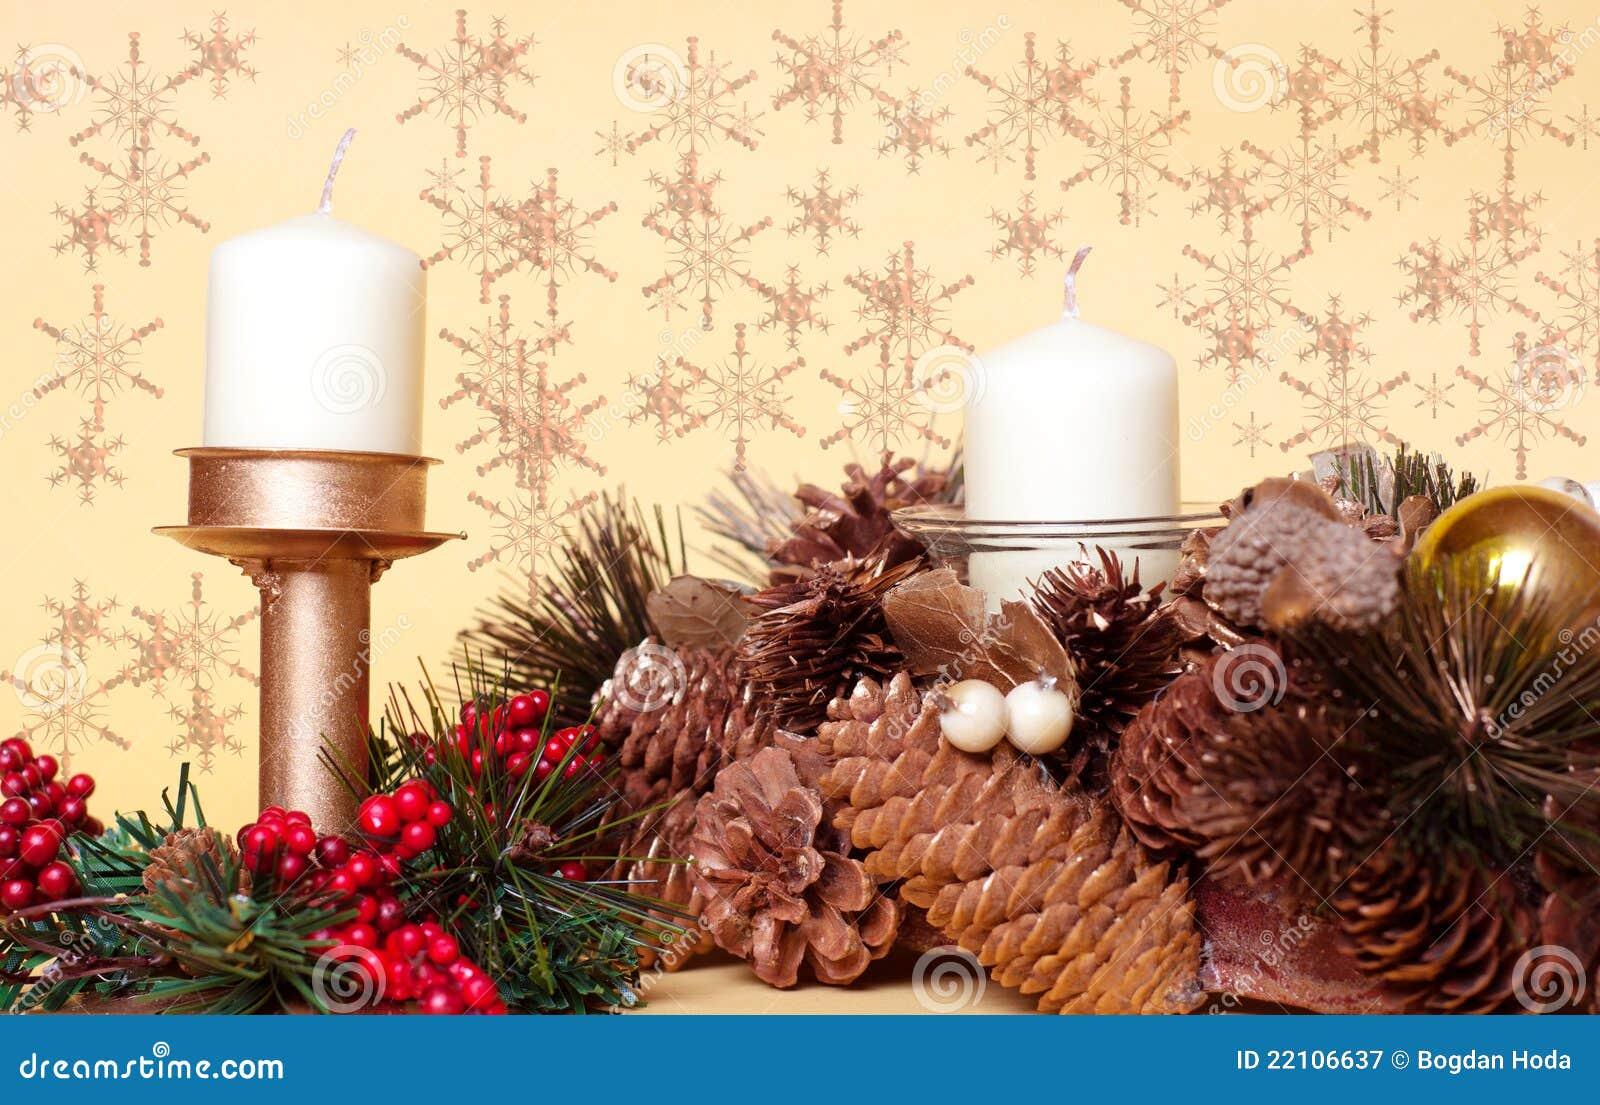 Decoraciones de la navidad con las velas pinos del cono - Decoracion de navidad con velas ...